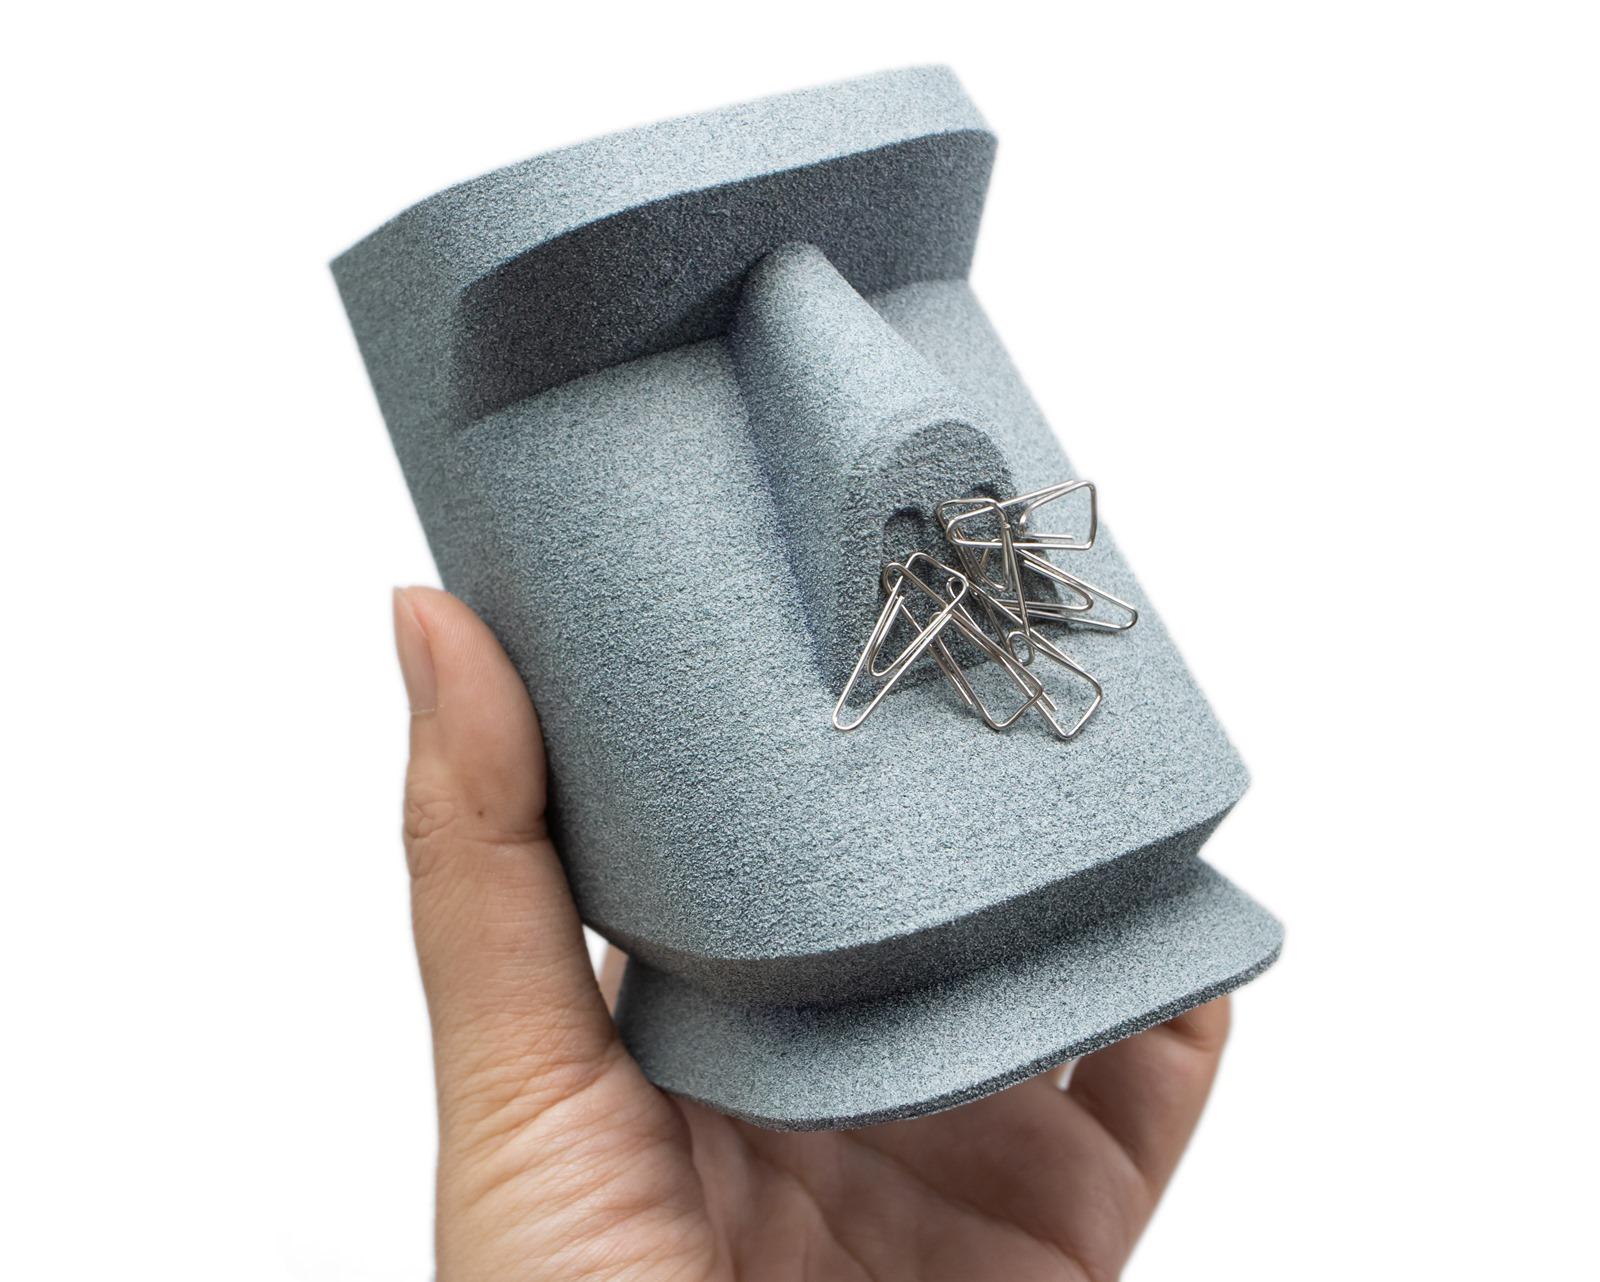 多功能XYZprinting3D列印機-da Vinci Jr. Pro X+,使用石頭噴漆加工過的3D列印摩艾筆筒